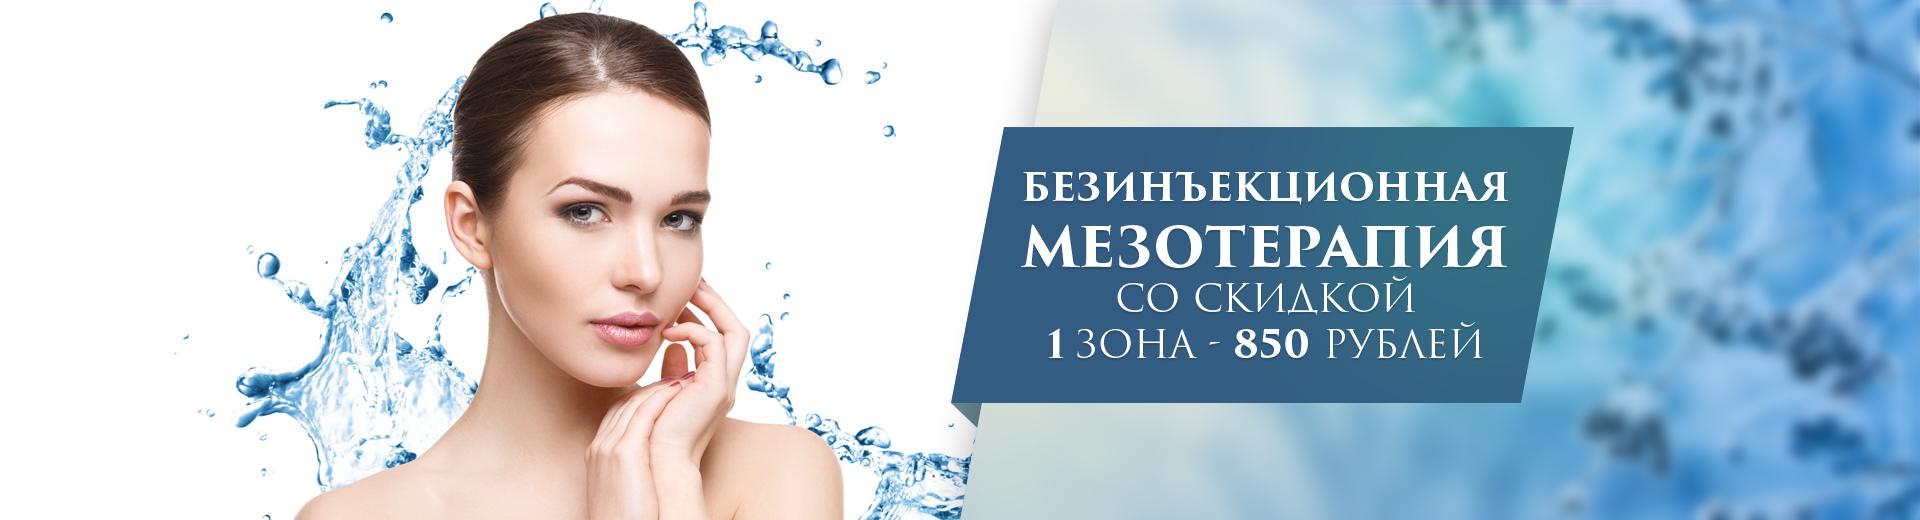 Безинъекционная мезотерапия со скидкой 1 зона - 850 рублей